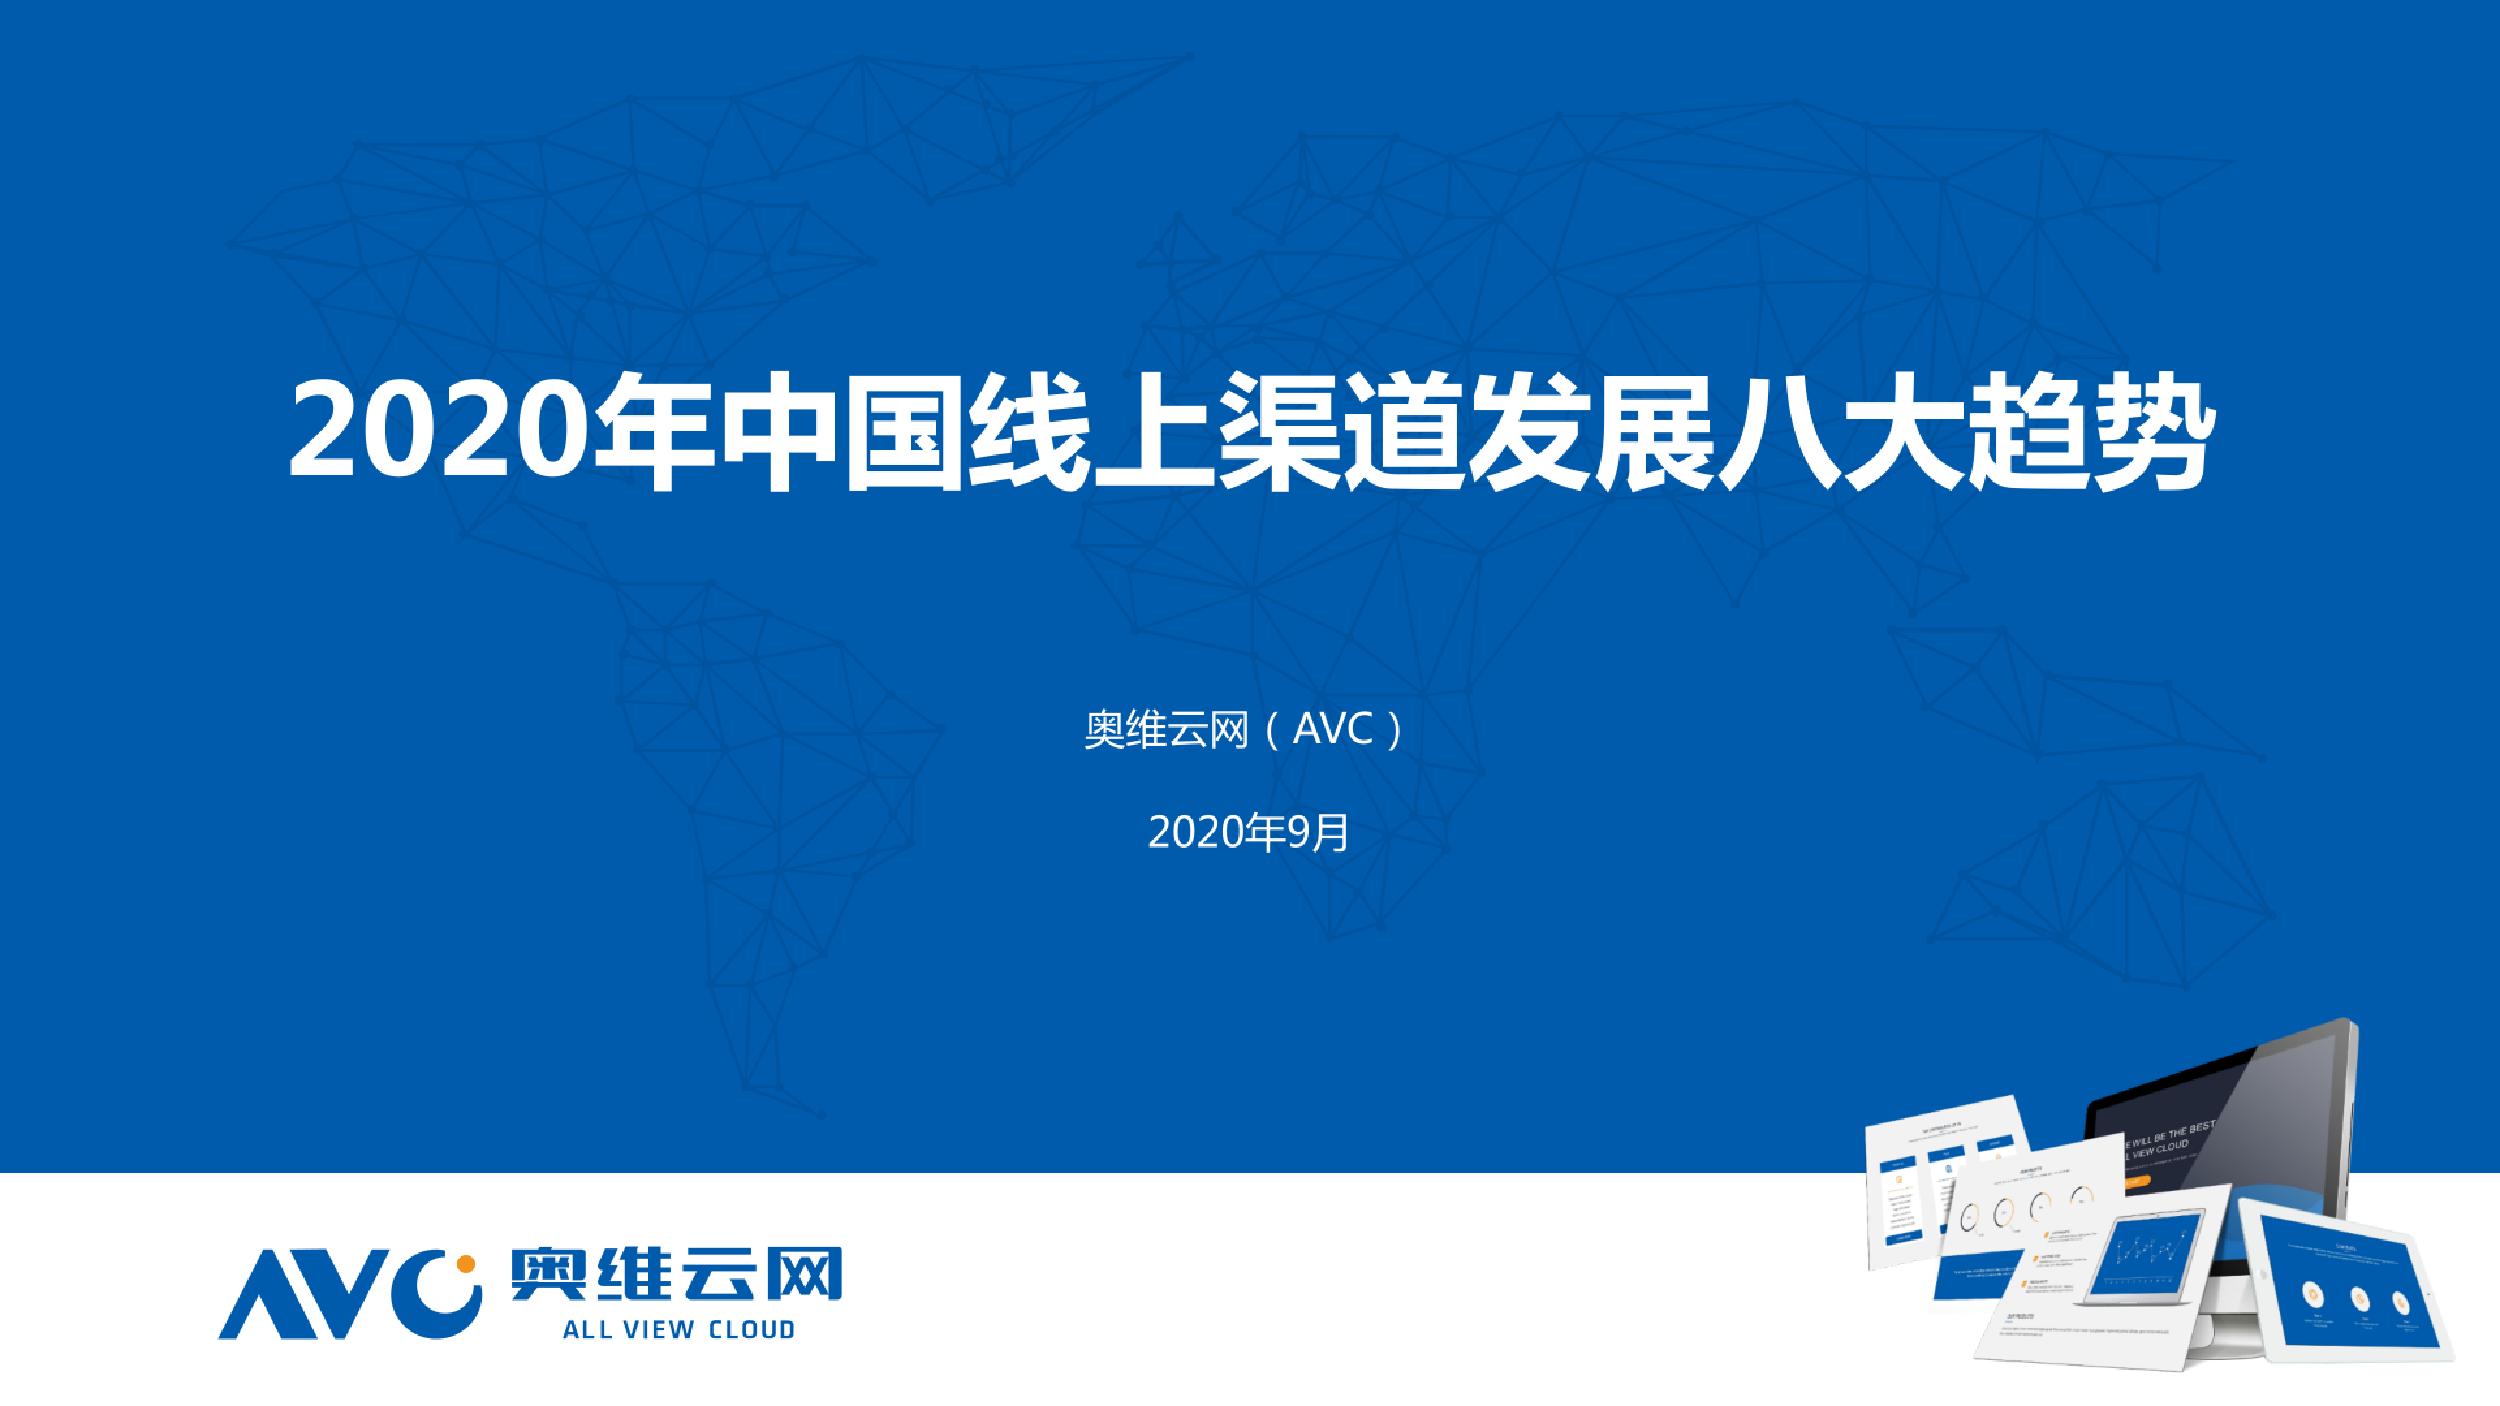 2020年中国线上渠道发展八大趋势